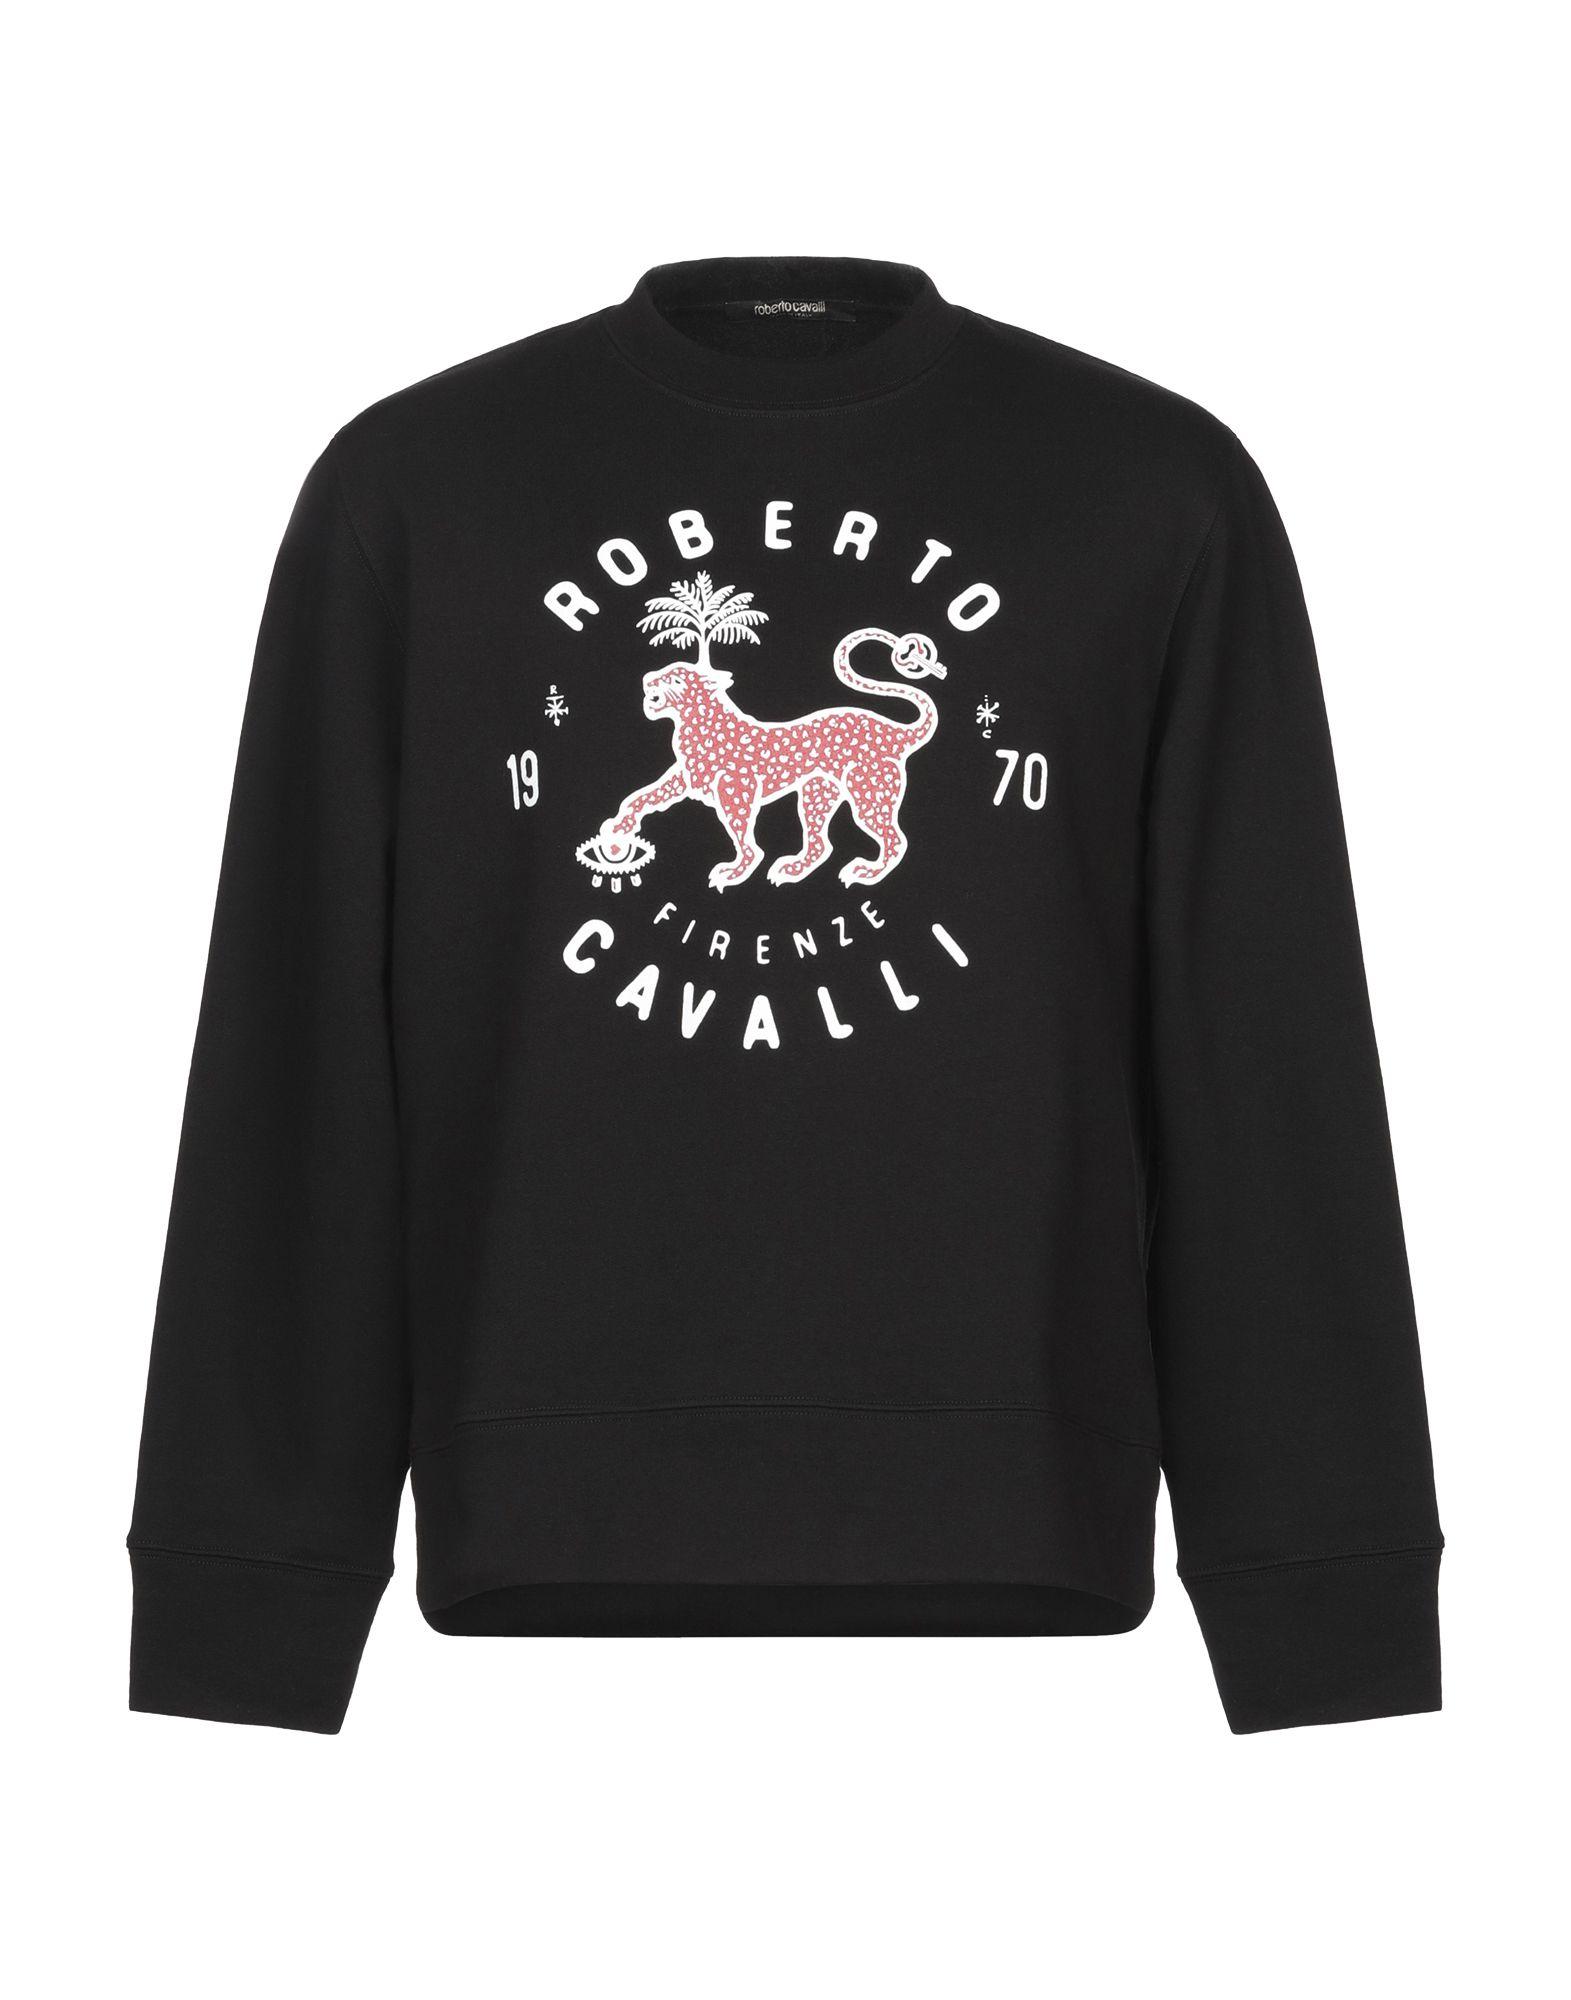 ROBERTO CAVALLI Толстовка class roberto cavalli толстовка